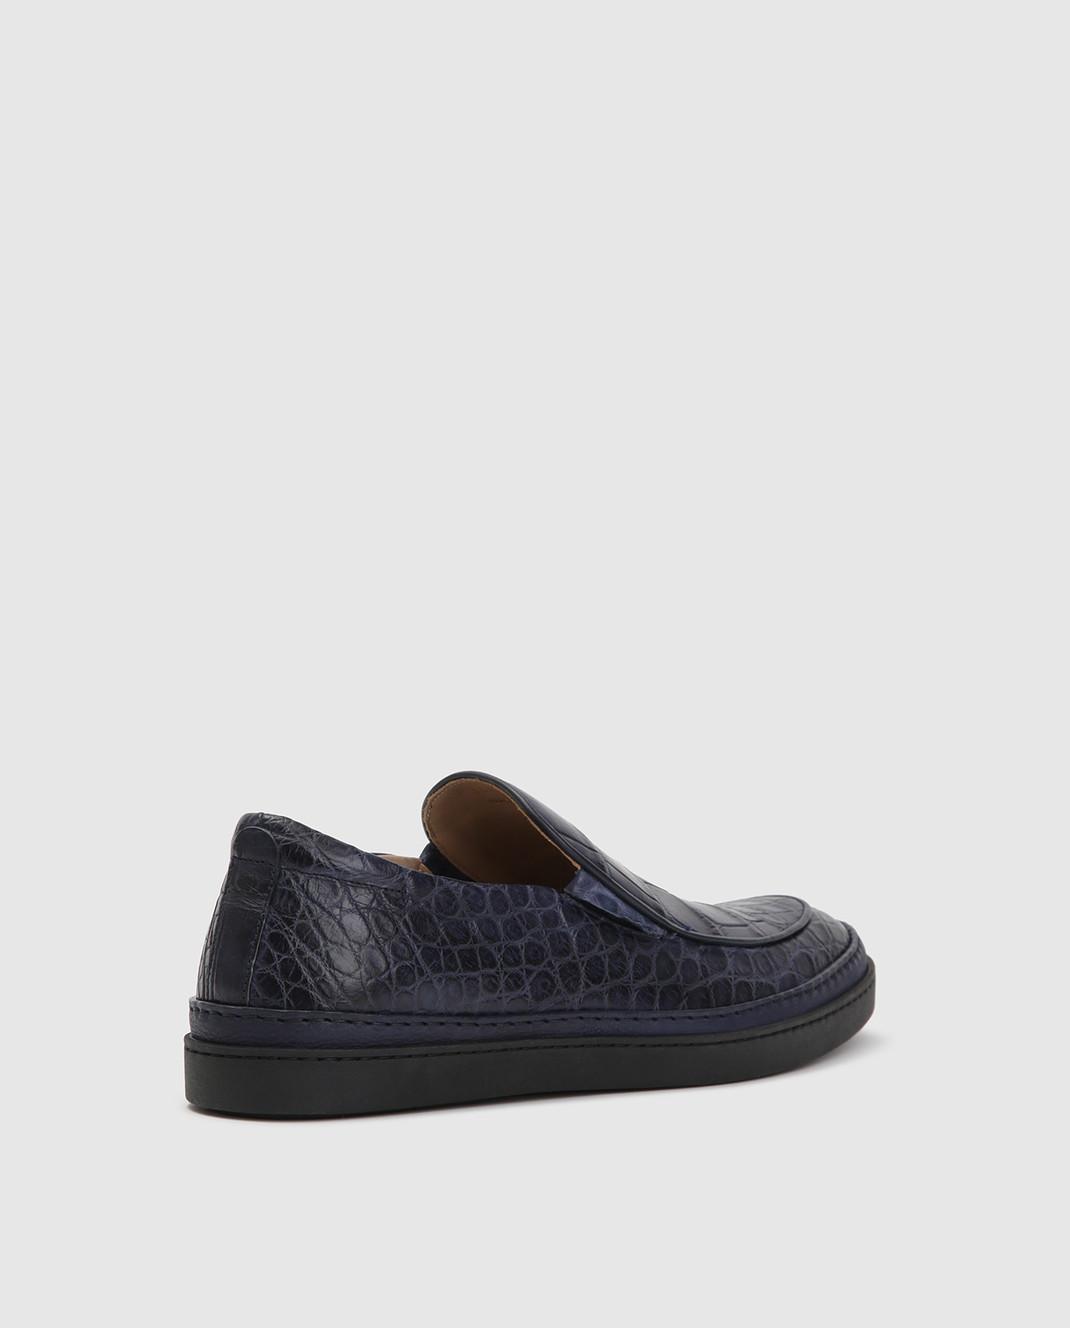 Del Dami Синие туфли из кожи аллигатора изображение 4